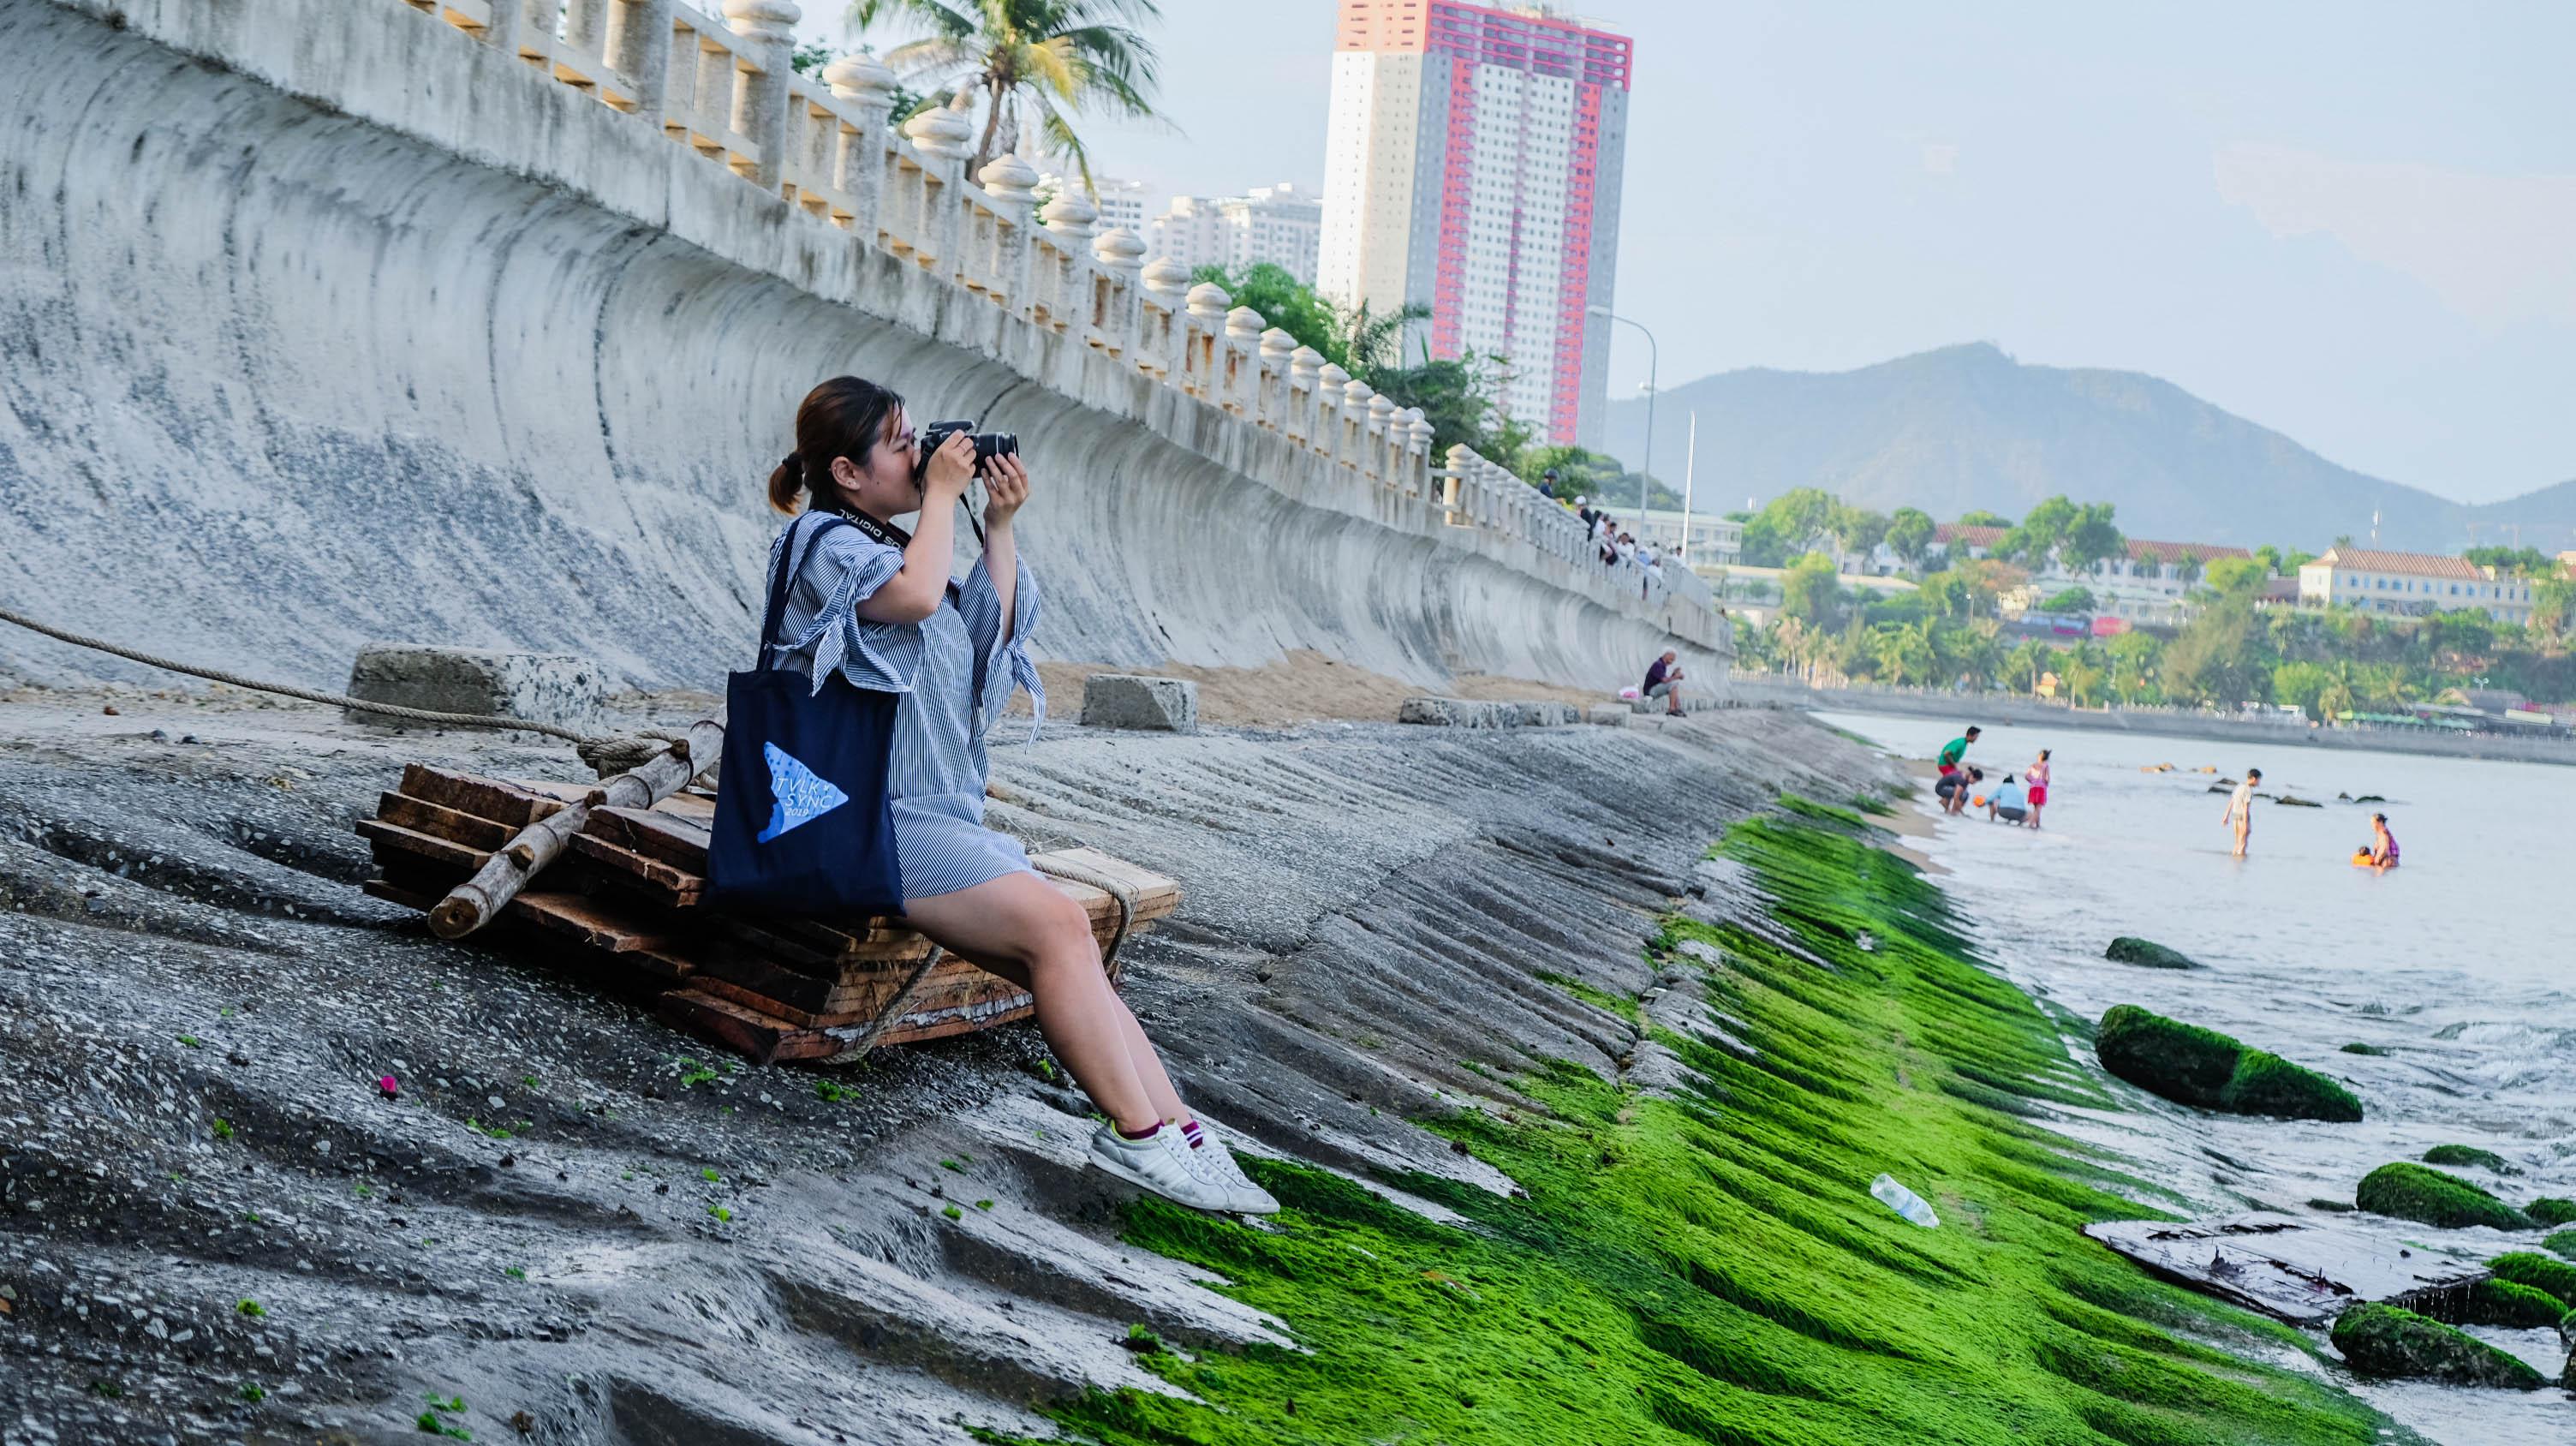 Kinh nghiệm du lịch Nha Trang - Bãi đá rêu